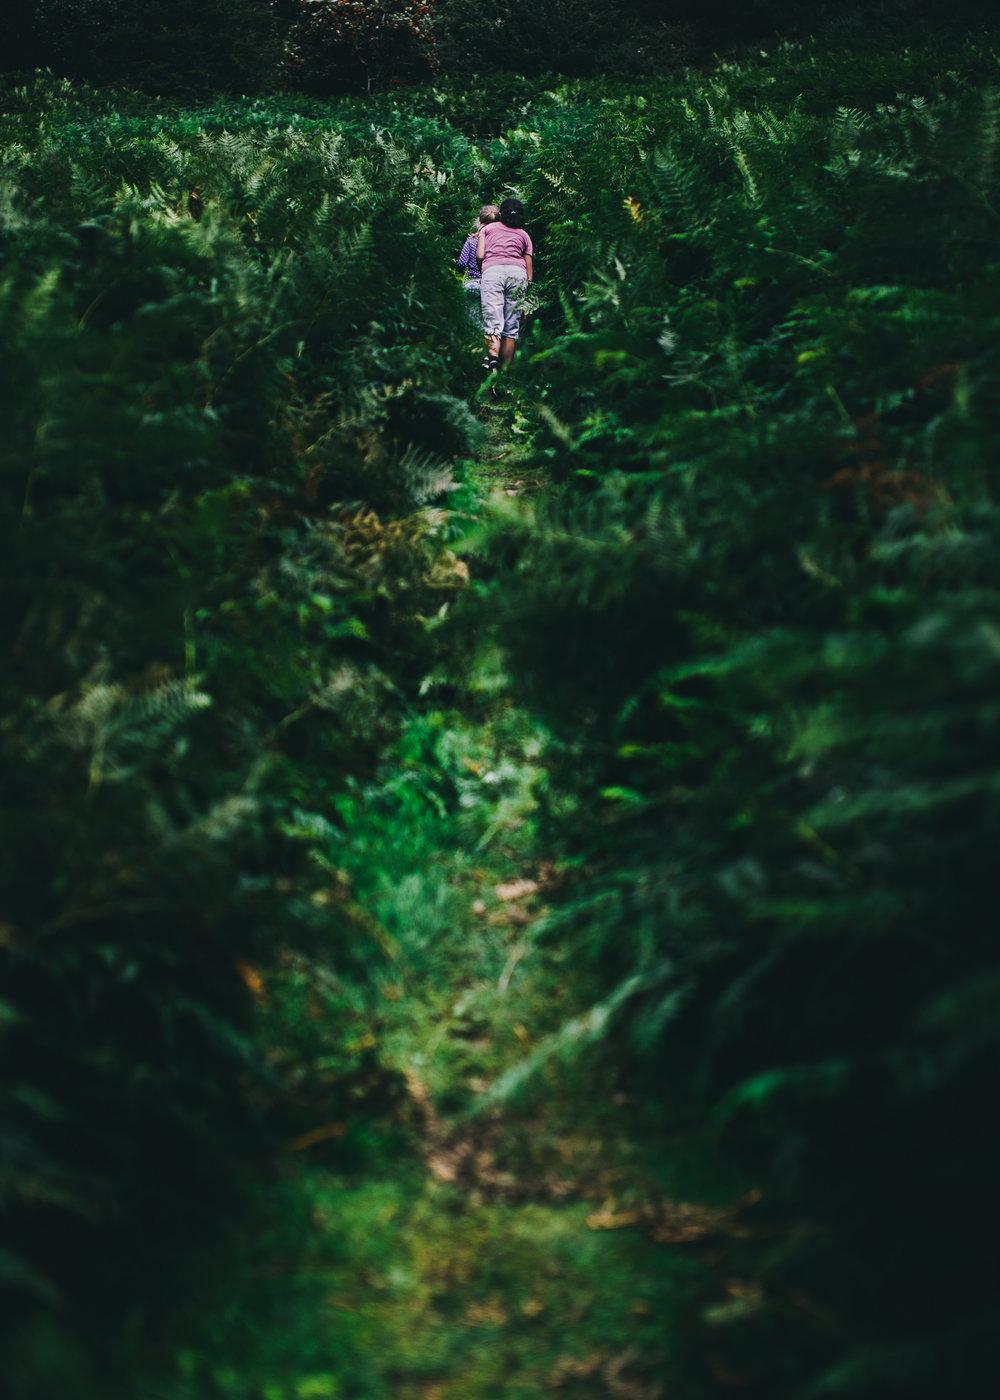 DylanrobertsphotoFamily-11.jpg